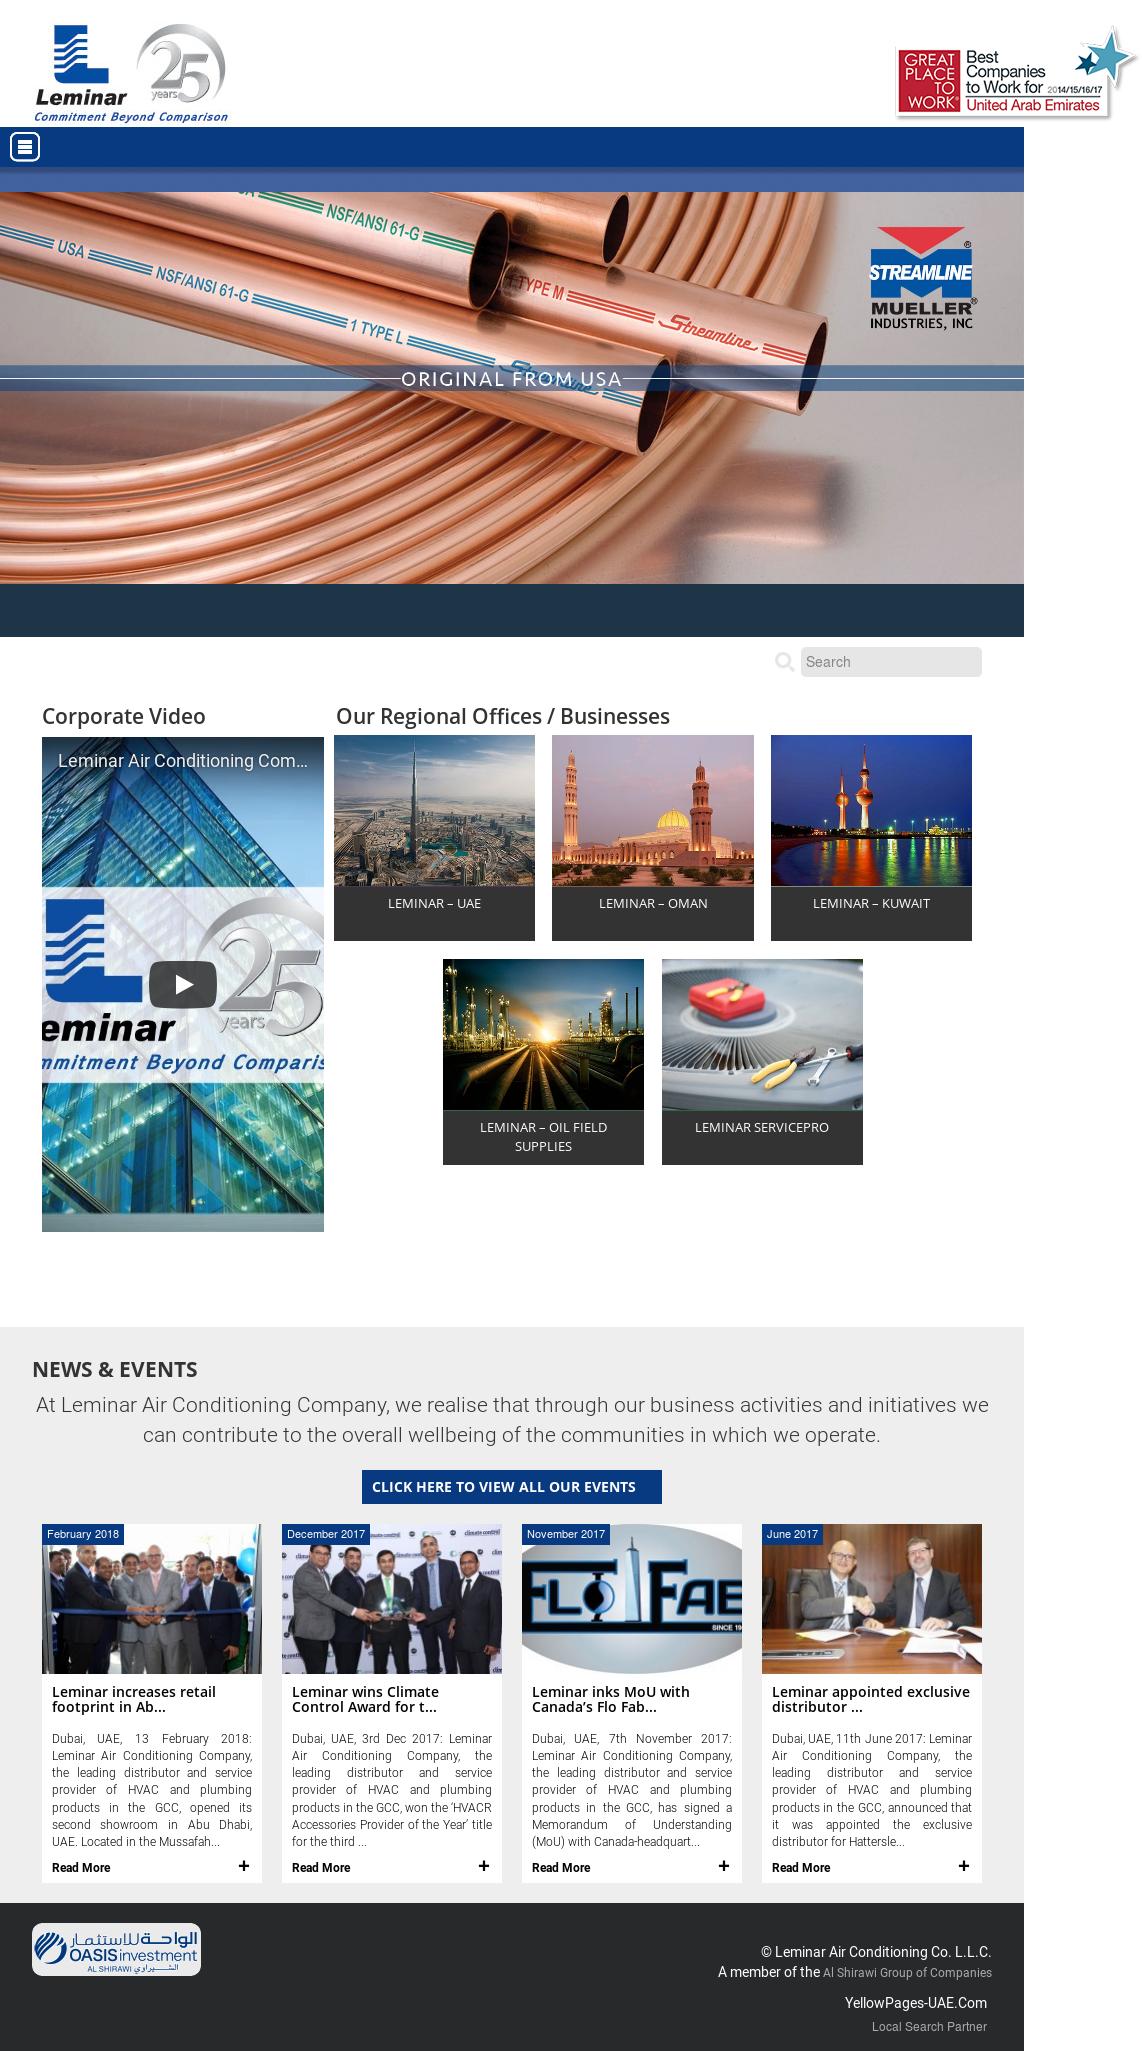 Owler Reports - Press Release: Leminar : Leminar Air